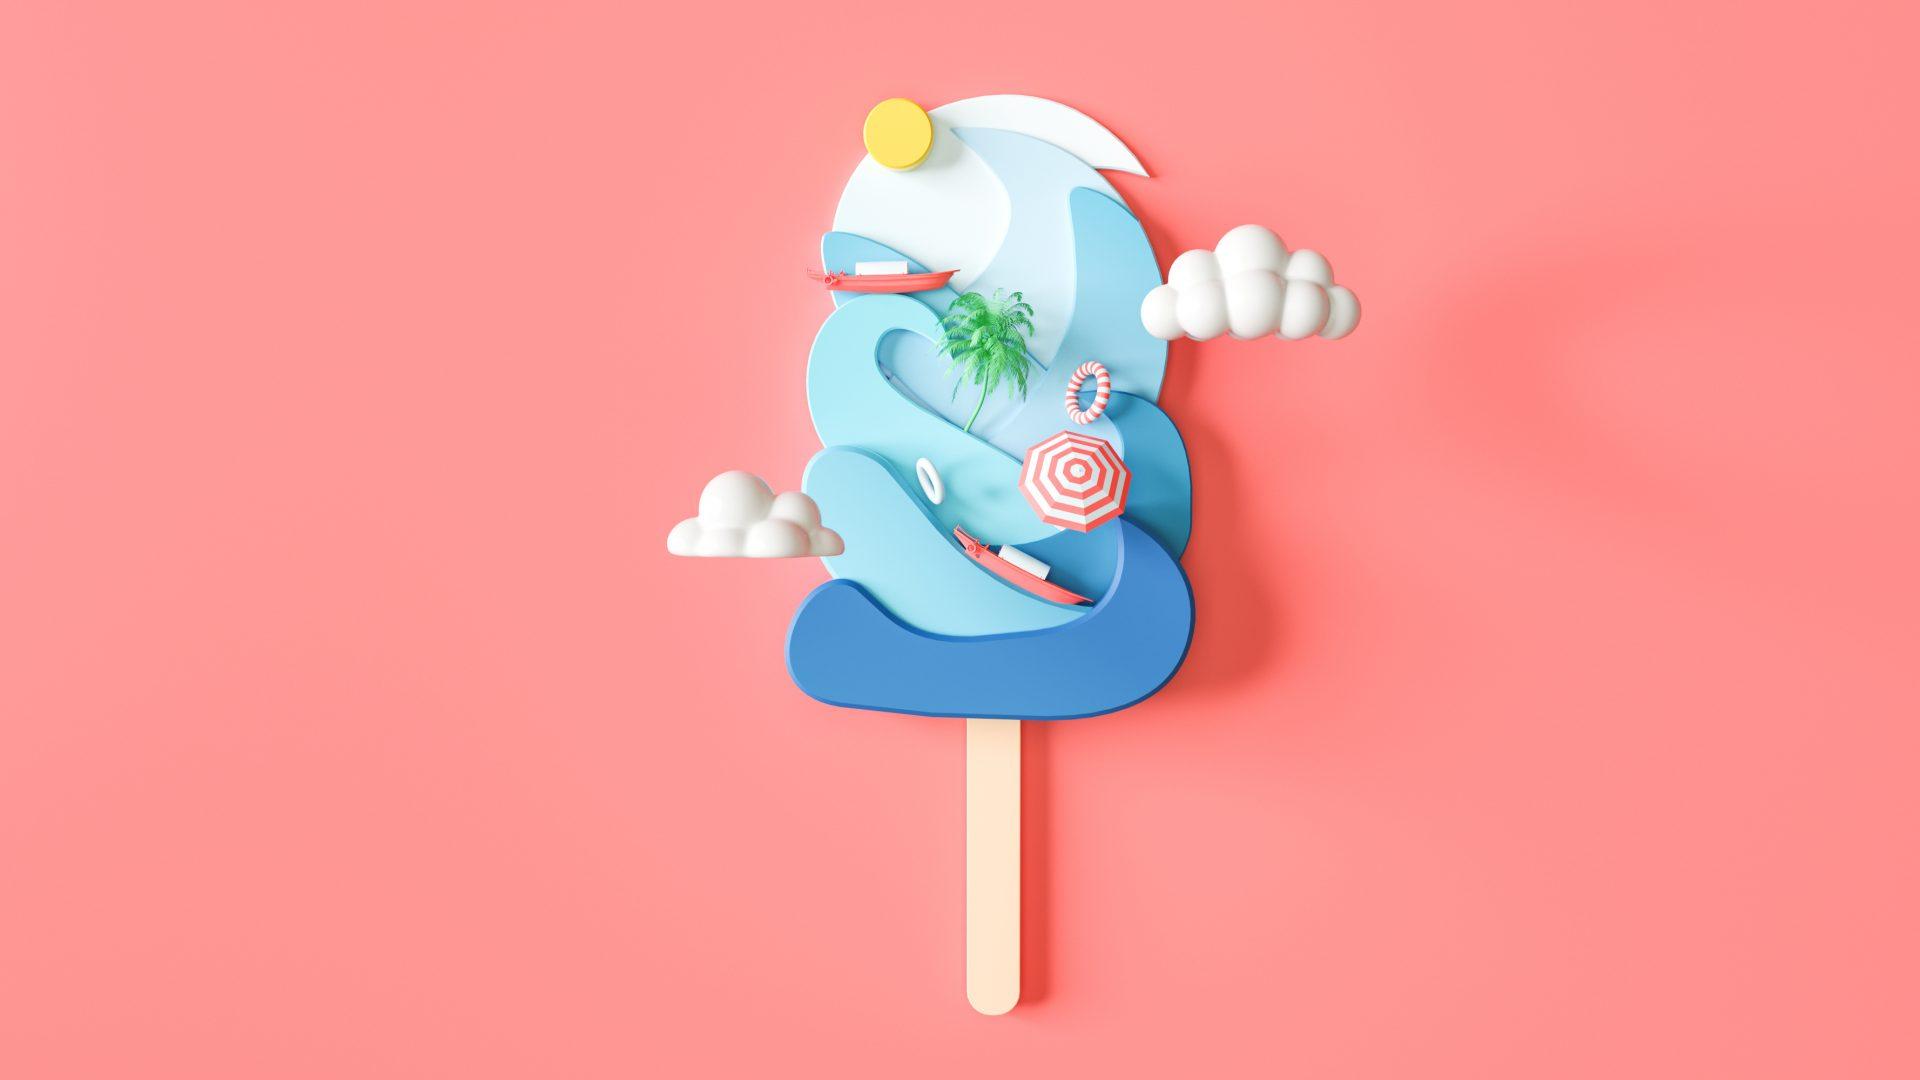 跨界联名,冰淇淋出圈的又一条路?